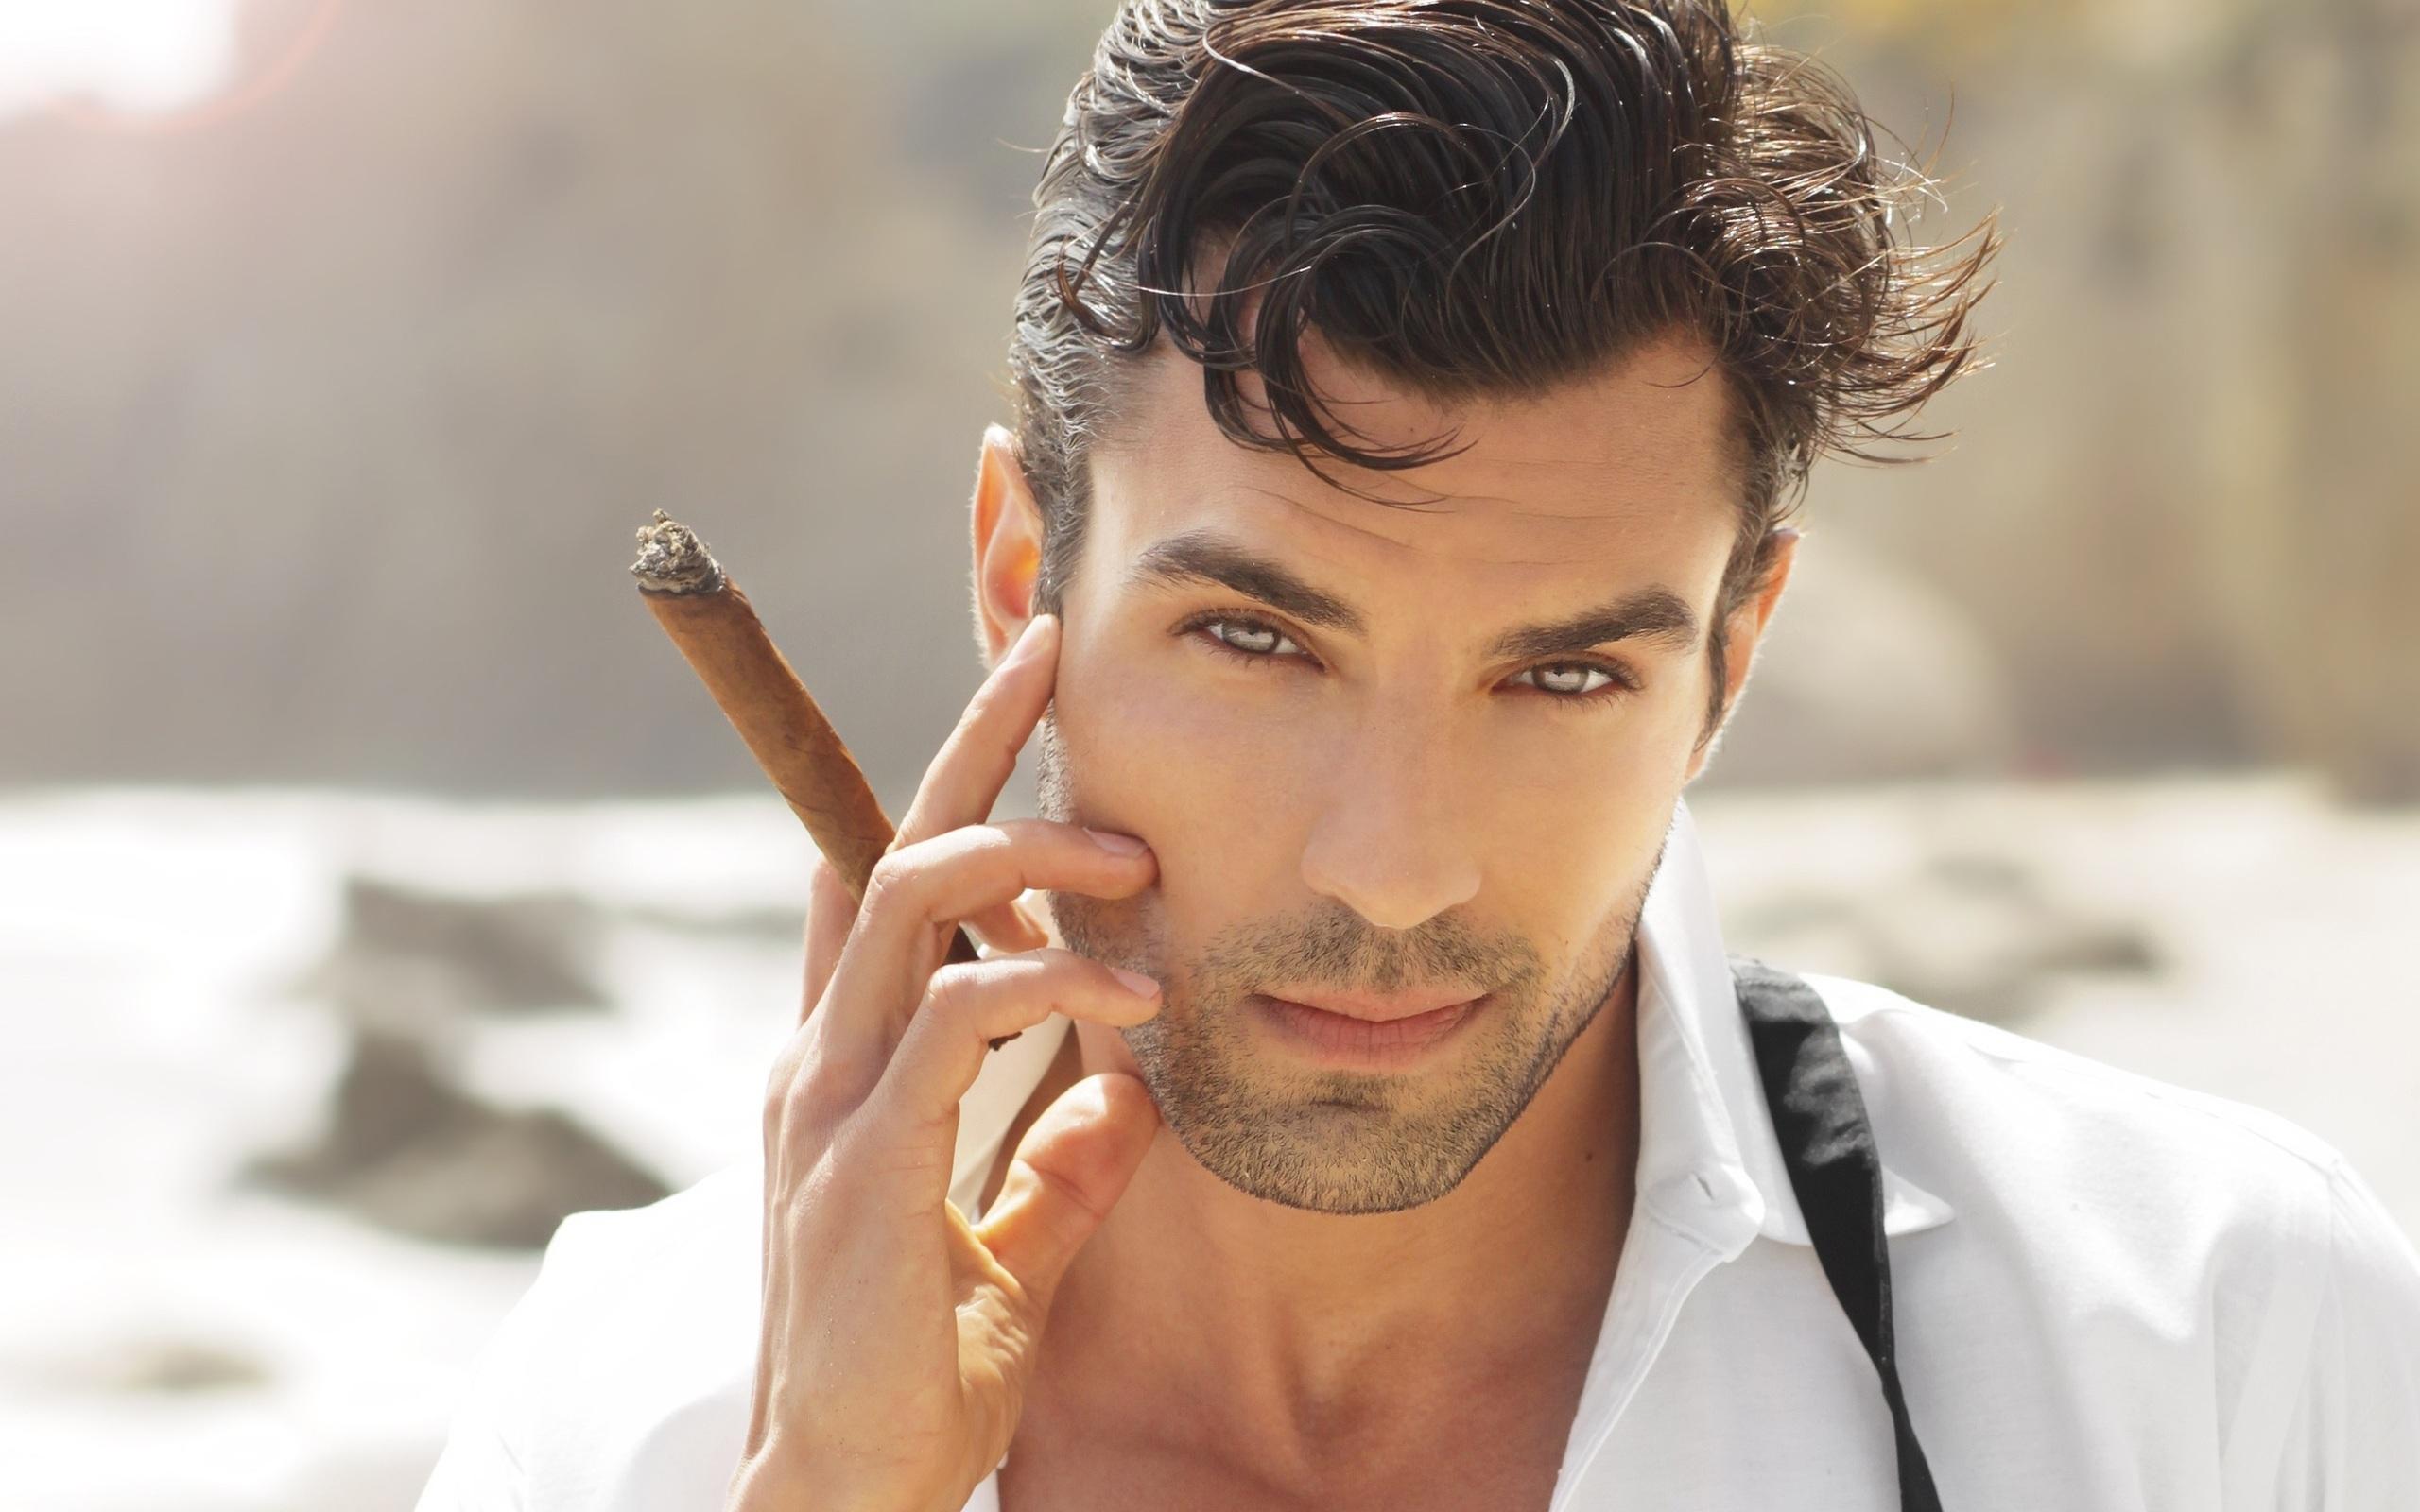 Images - Cigar smoking hunks